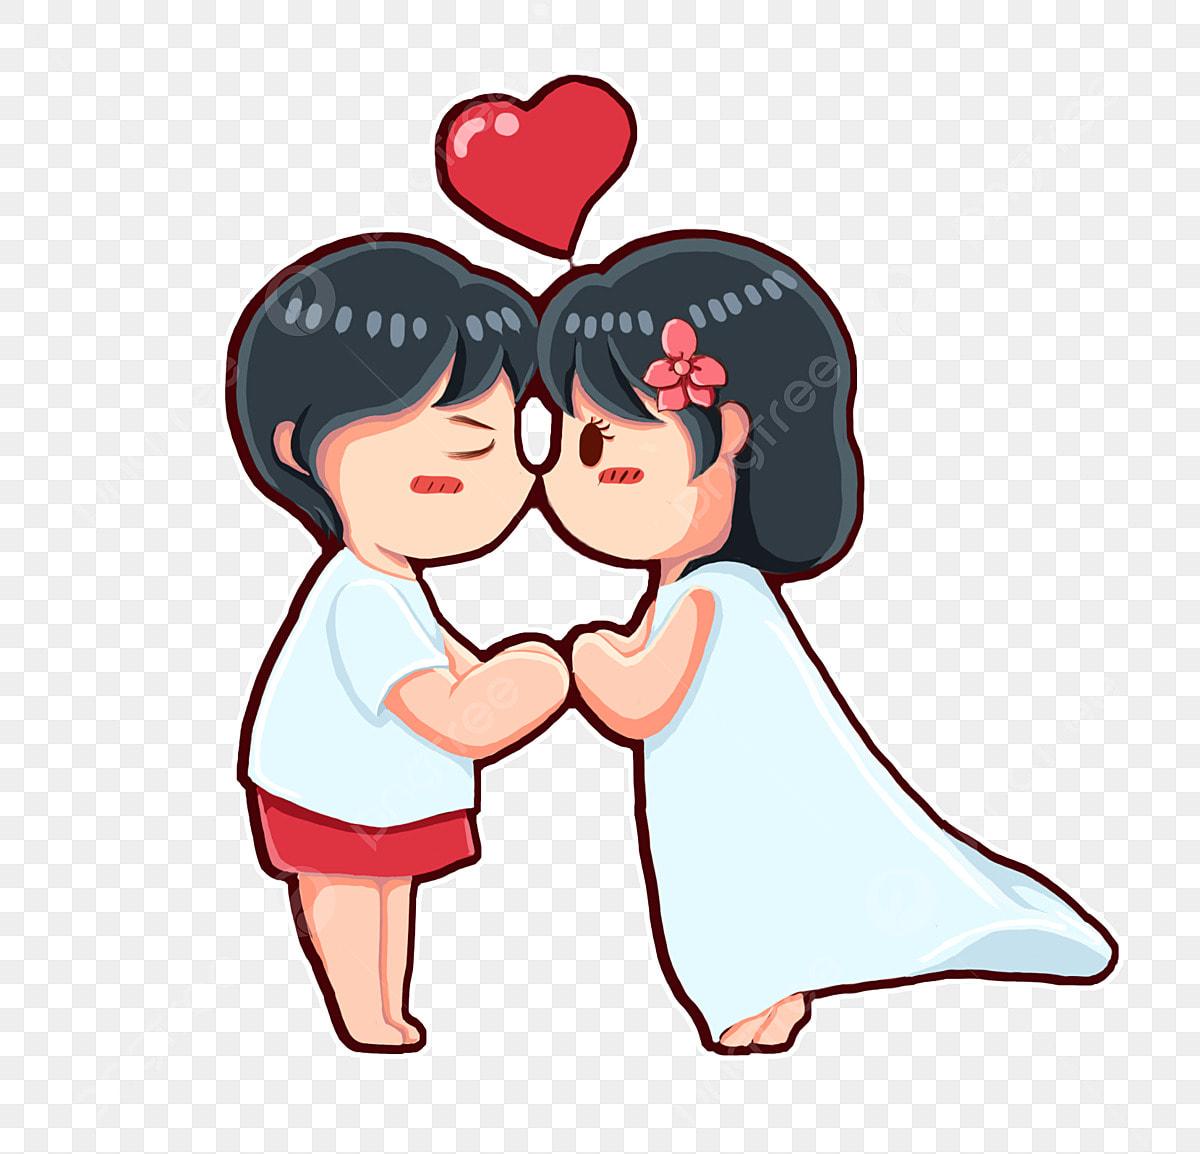 Gambar Pencinta Mencium Kekasih Kartun Yang Dilukis Tangan Kekasih Sayang Png Dan Psd Untuk Muat Turun Percuma